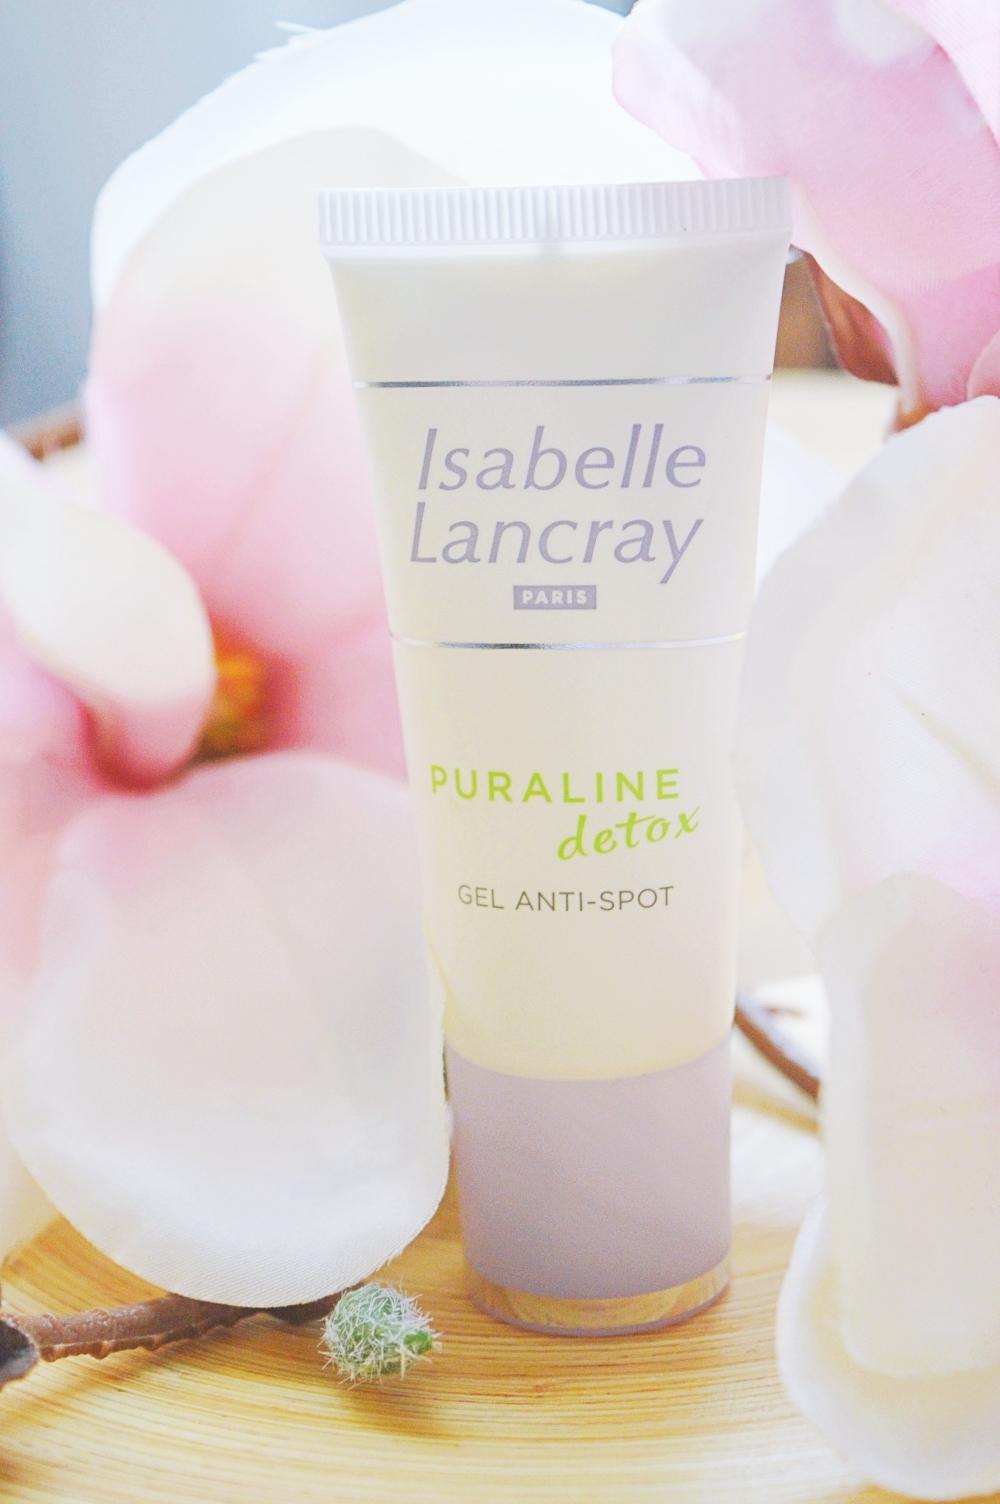 Puraline detox Gel Anti-Spot von Isabelle Lancray